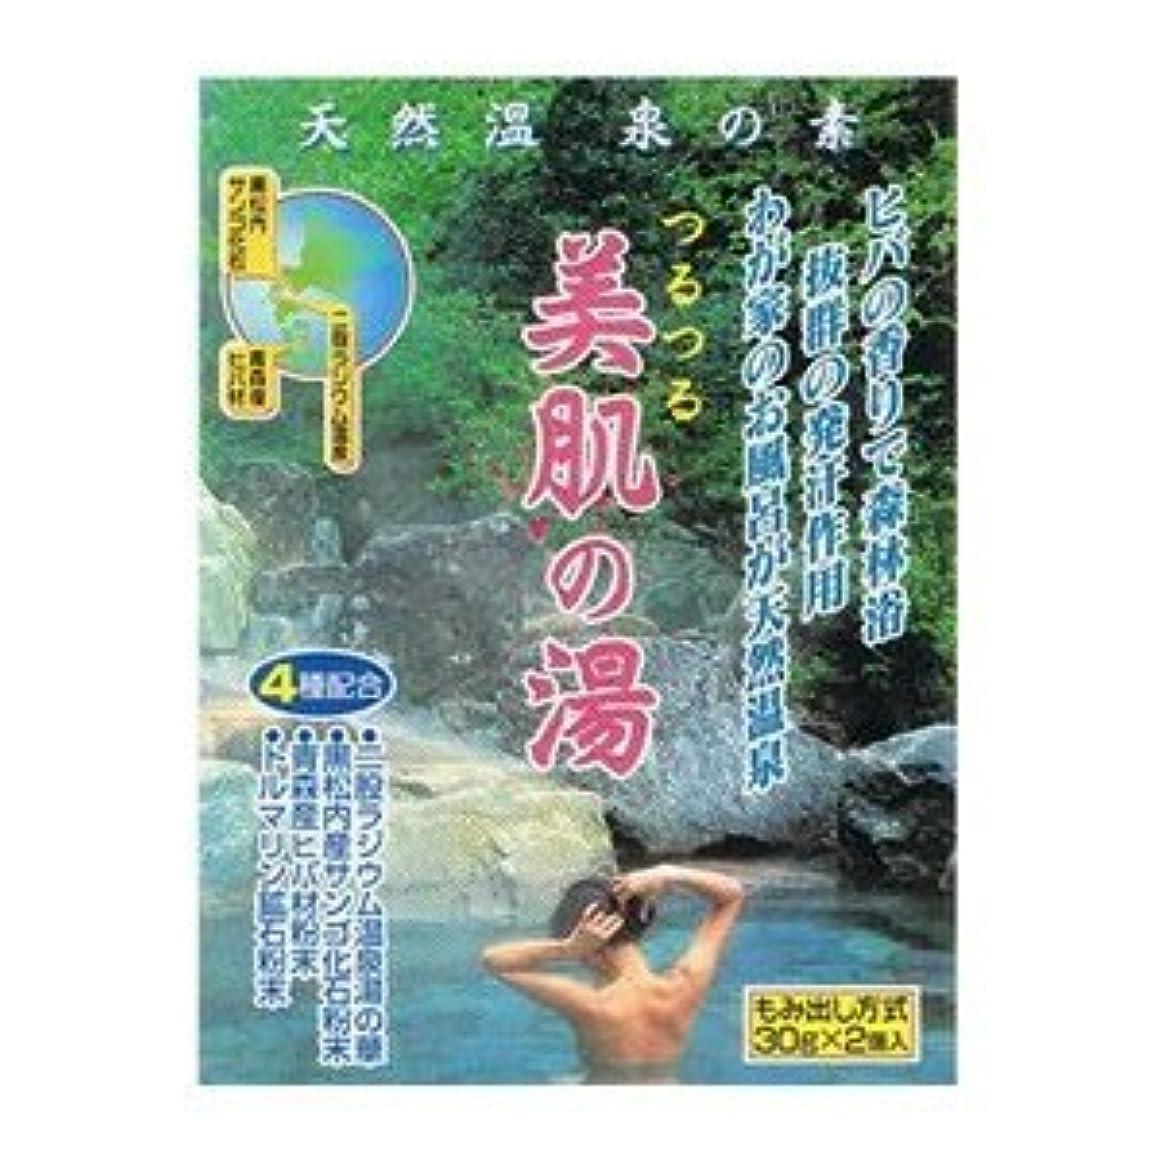 美容師区別する投げ捨てる天然温泉の素 美肌の湯 (30g×2個入)×18袋セット